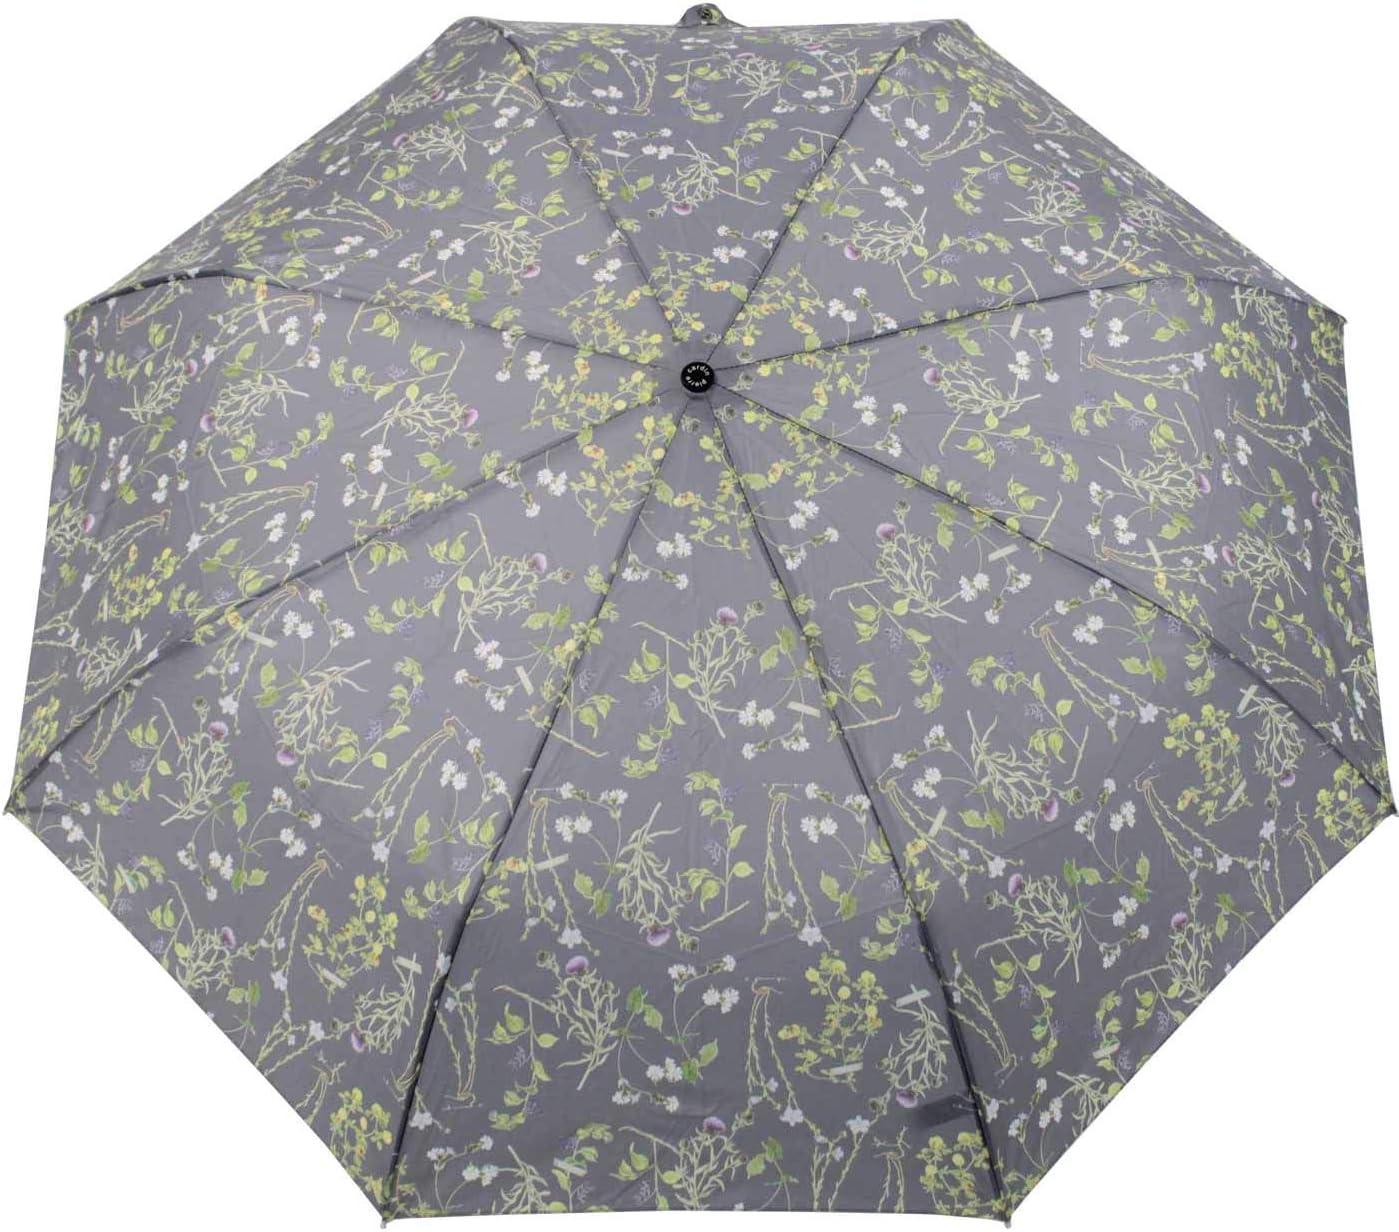 Parapluie pliants Femme Multicolore beige 101 cm Pierre Cardin